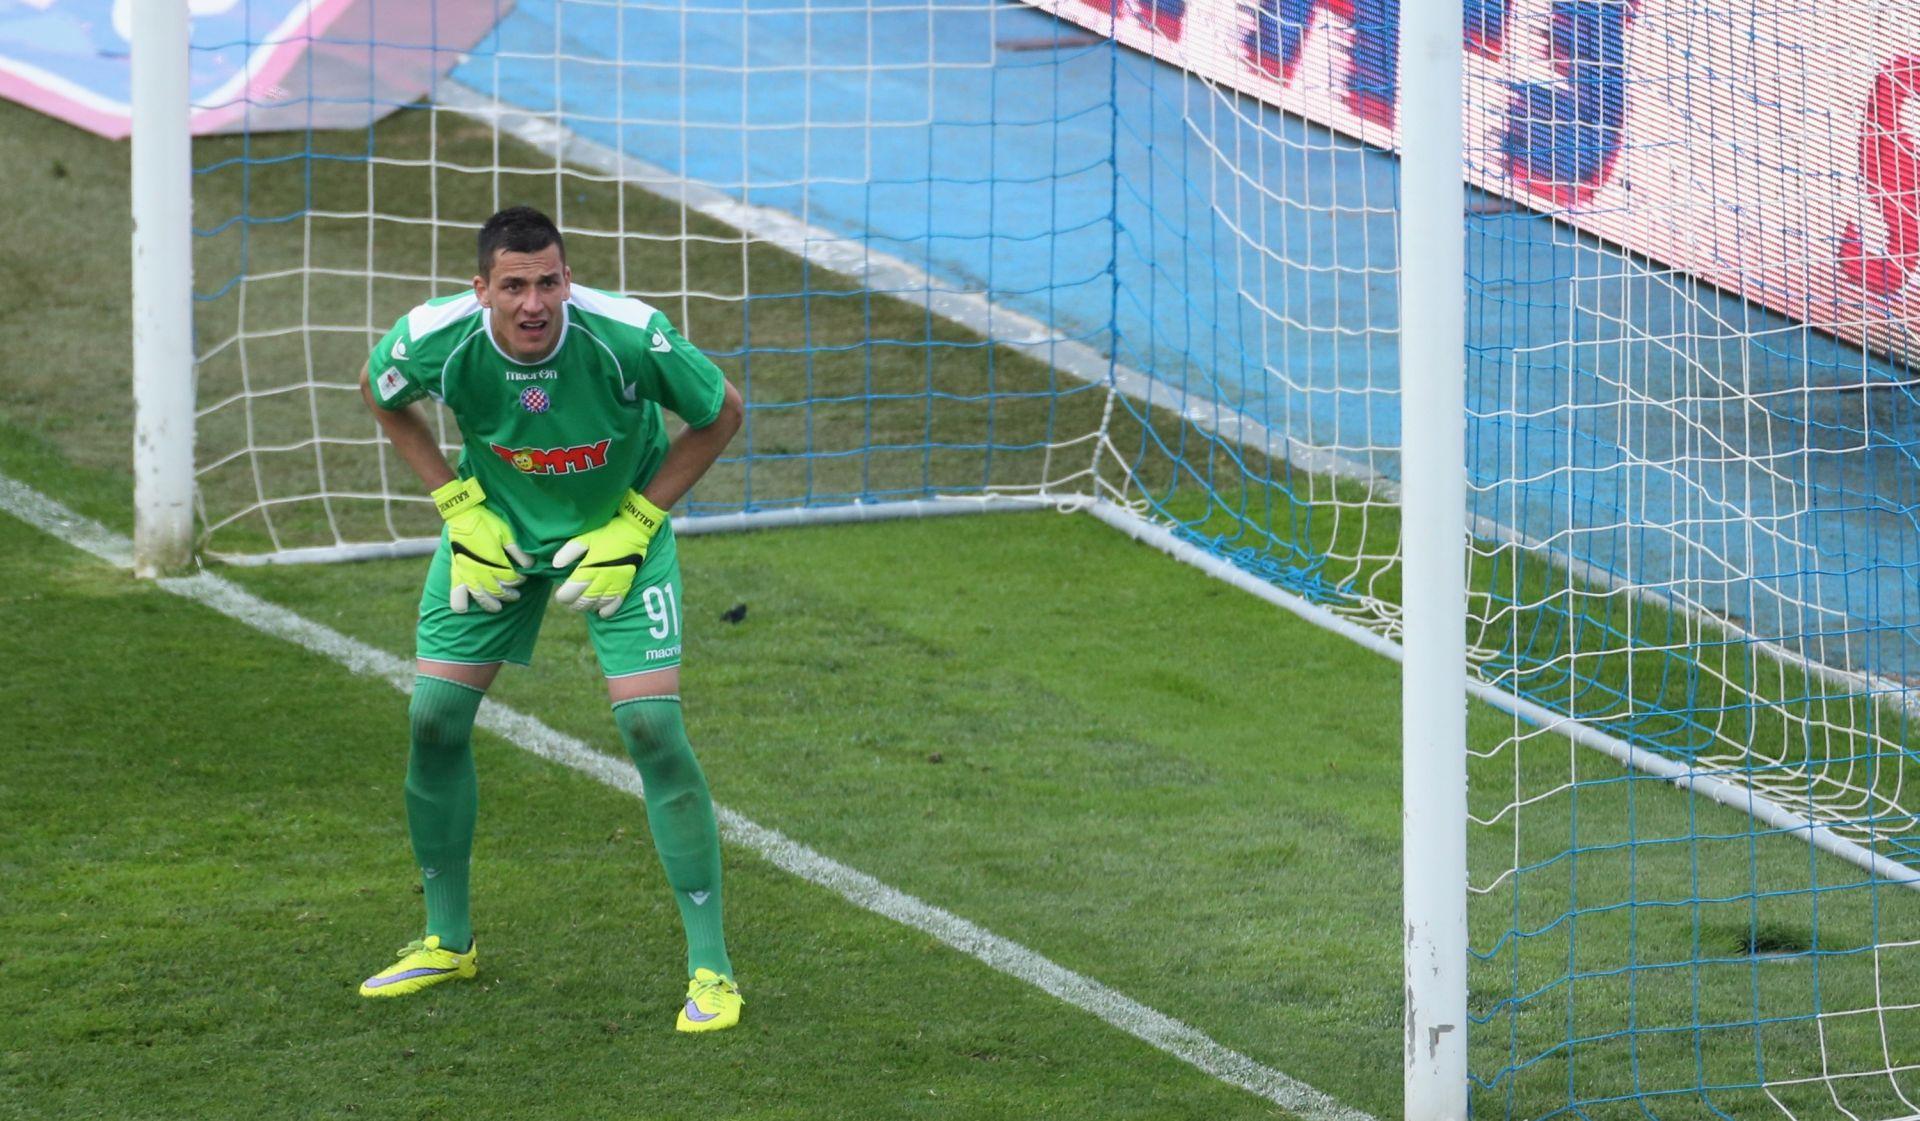 DVA LICA SPLIĆANA Kalinić spasio Hajduk od bolnijeg poraza, Torcida nije izdržala bez baklji